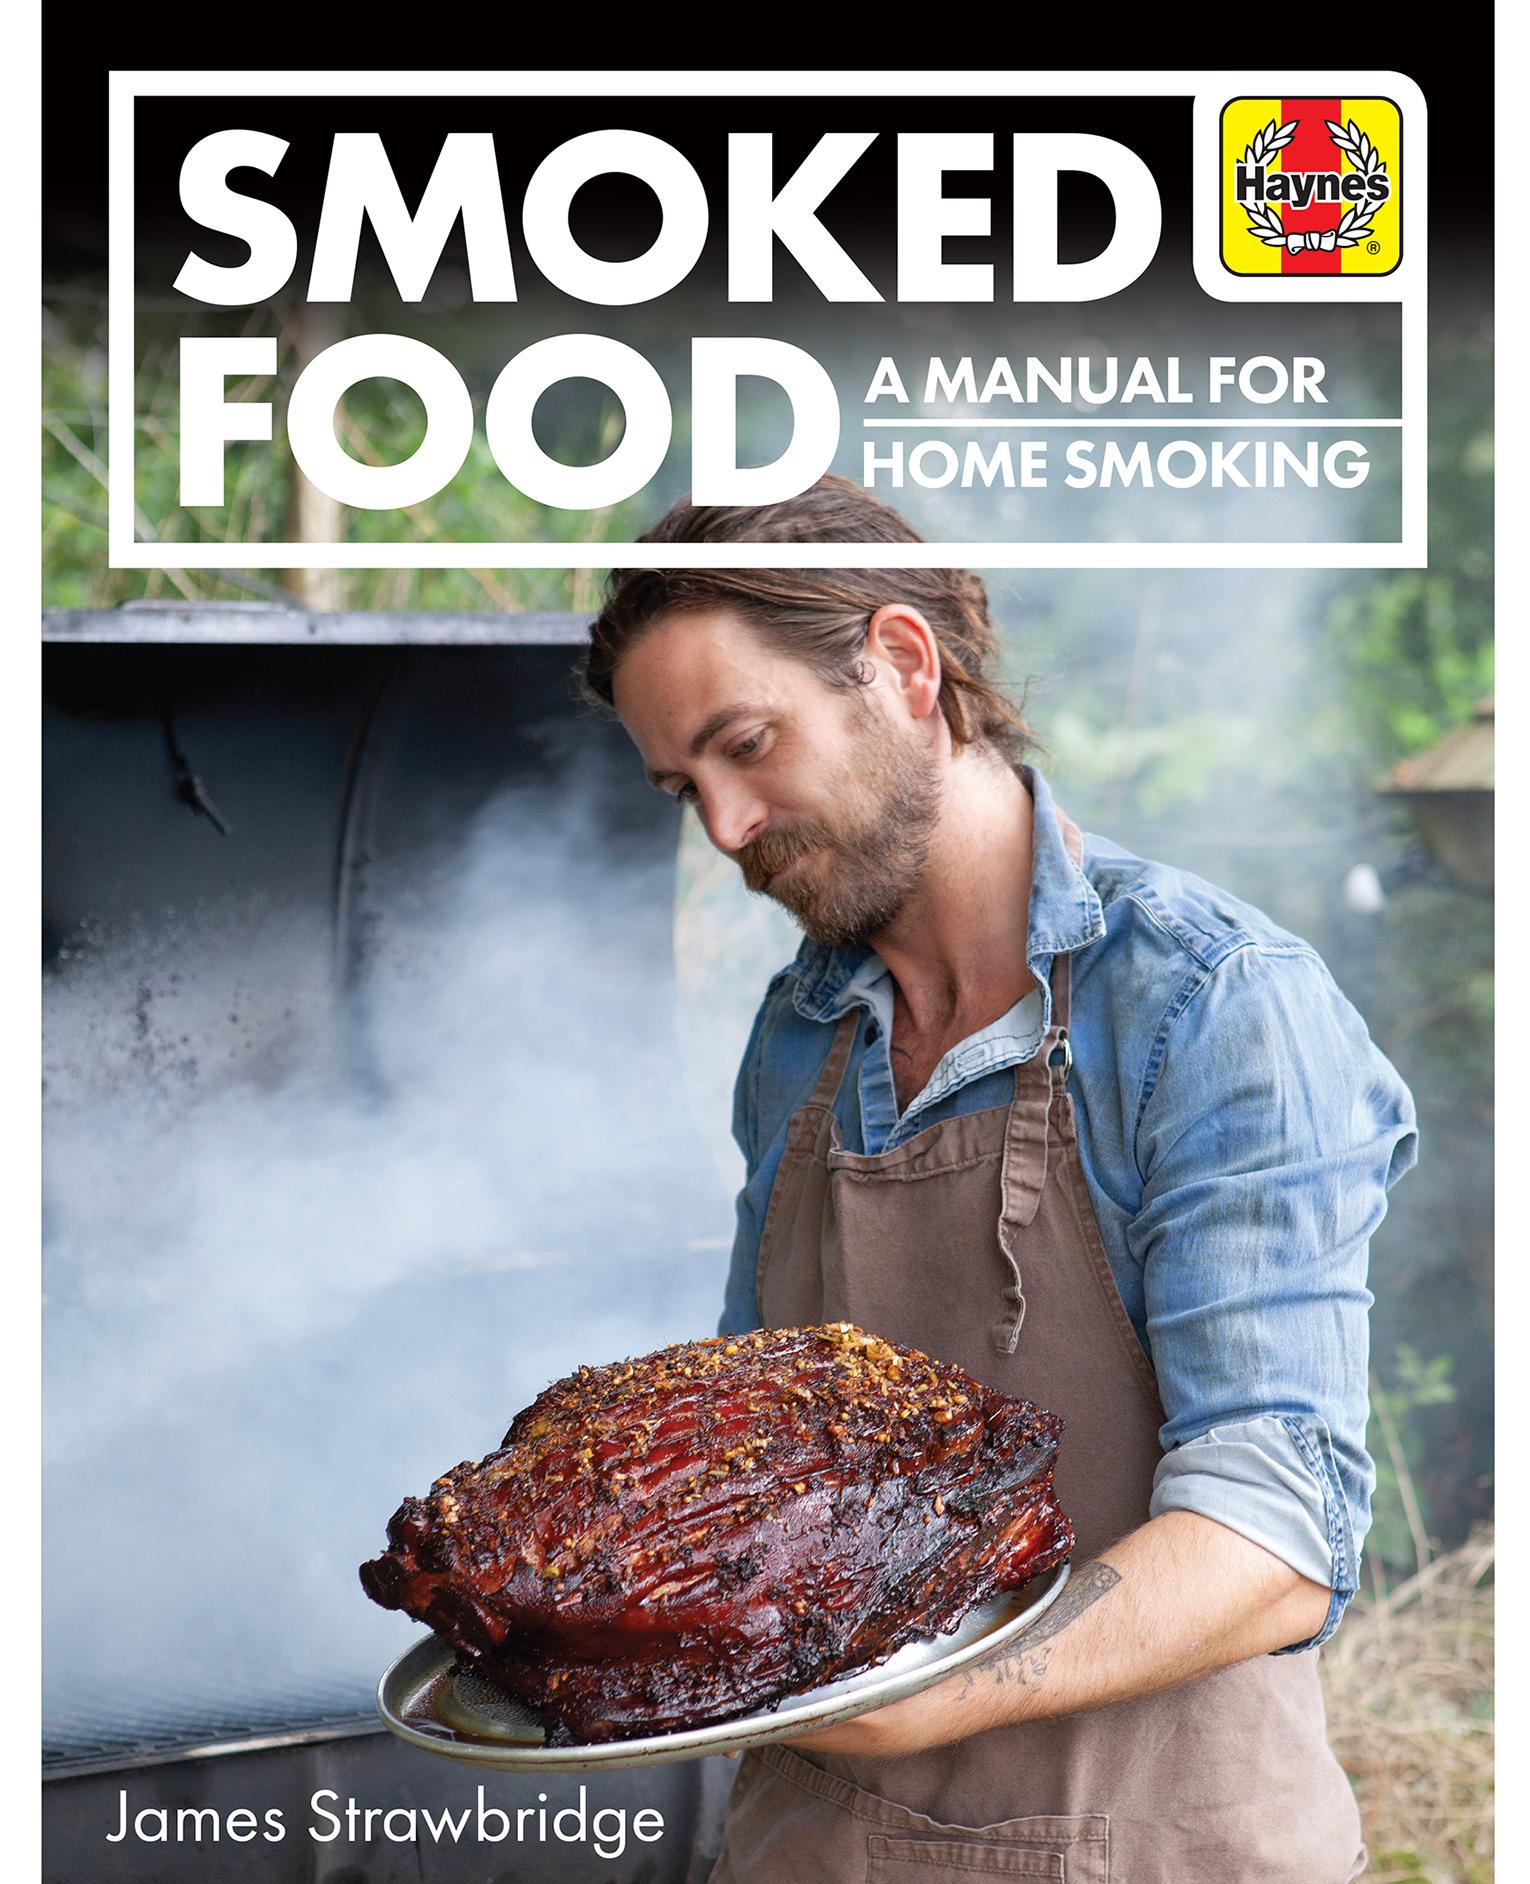 Smoked Food